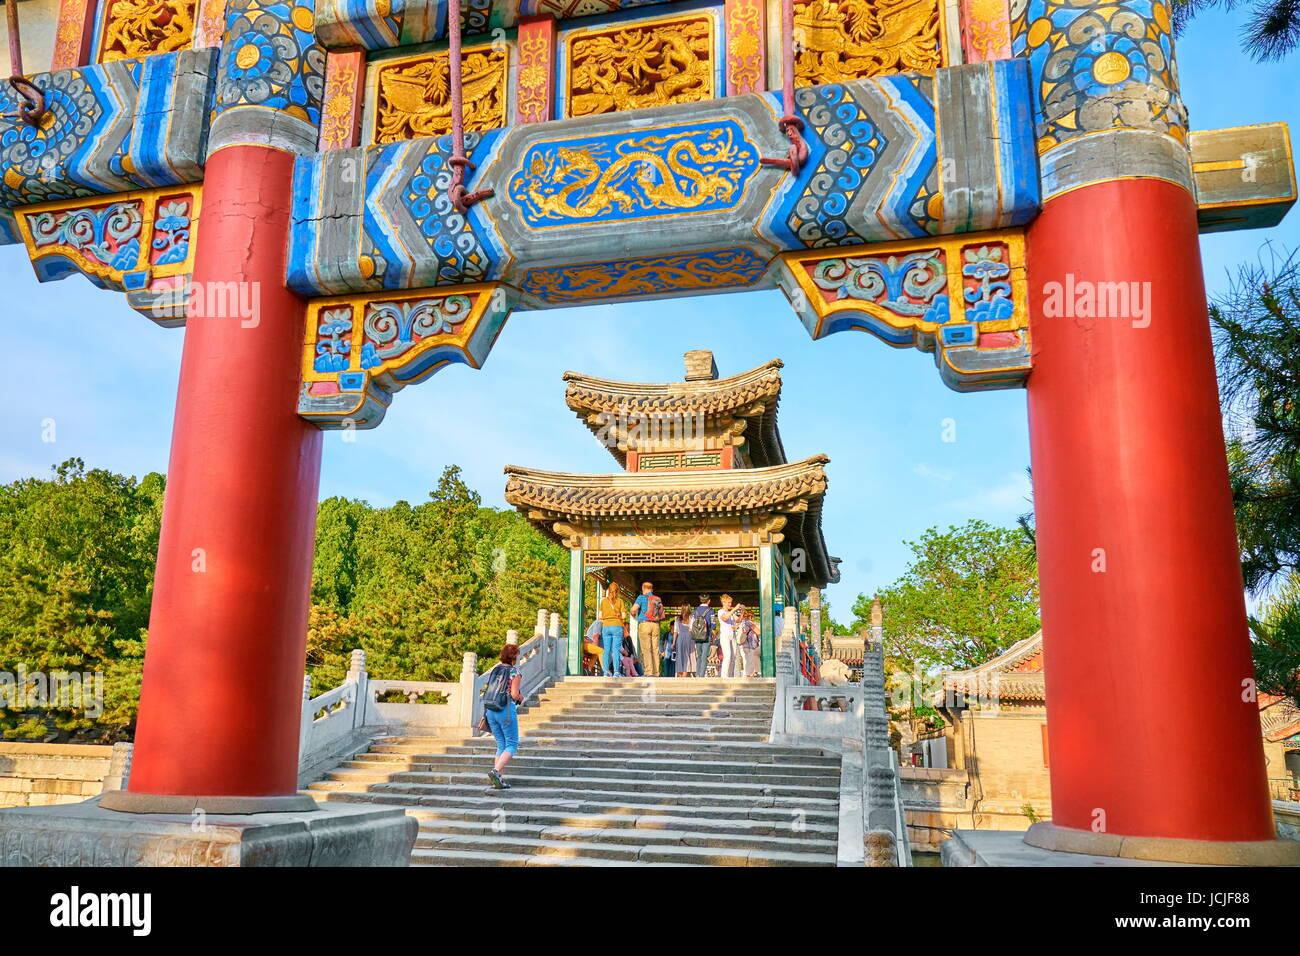 Pailou décoratif, Summer Palace, Beijing, Chine Photo Stock